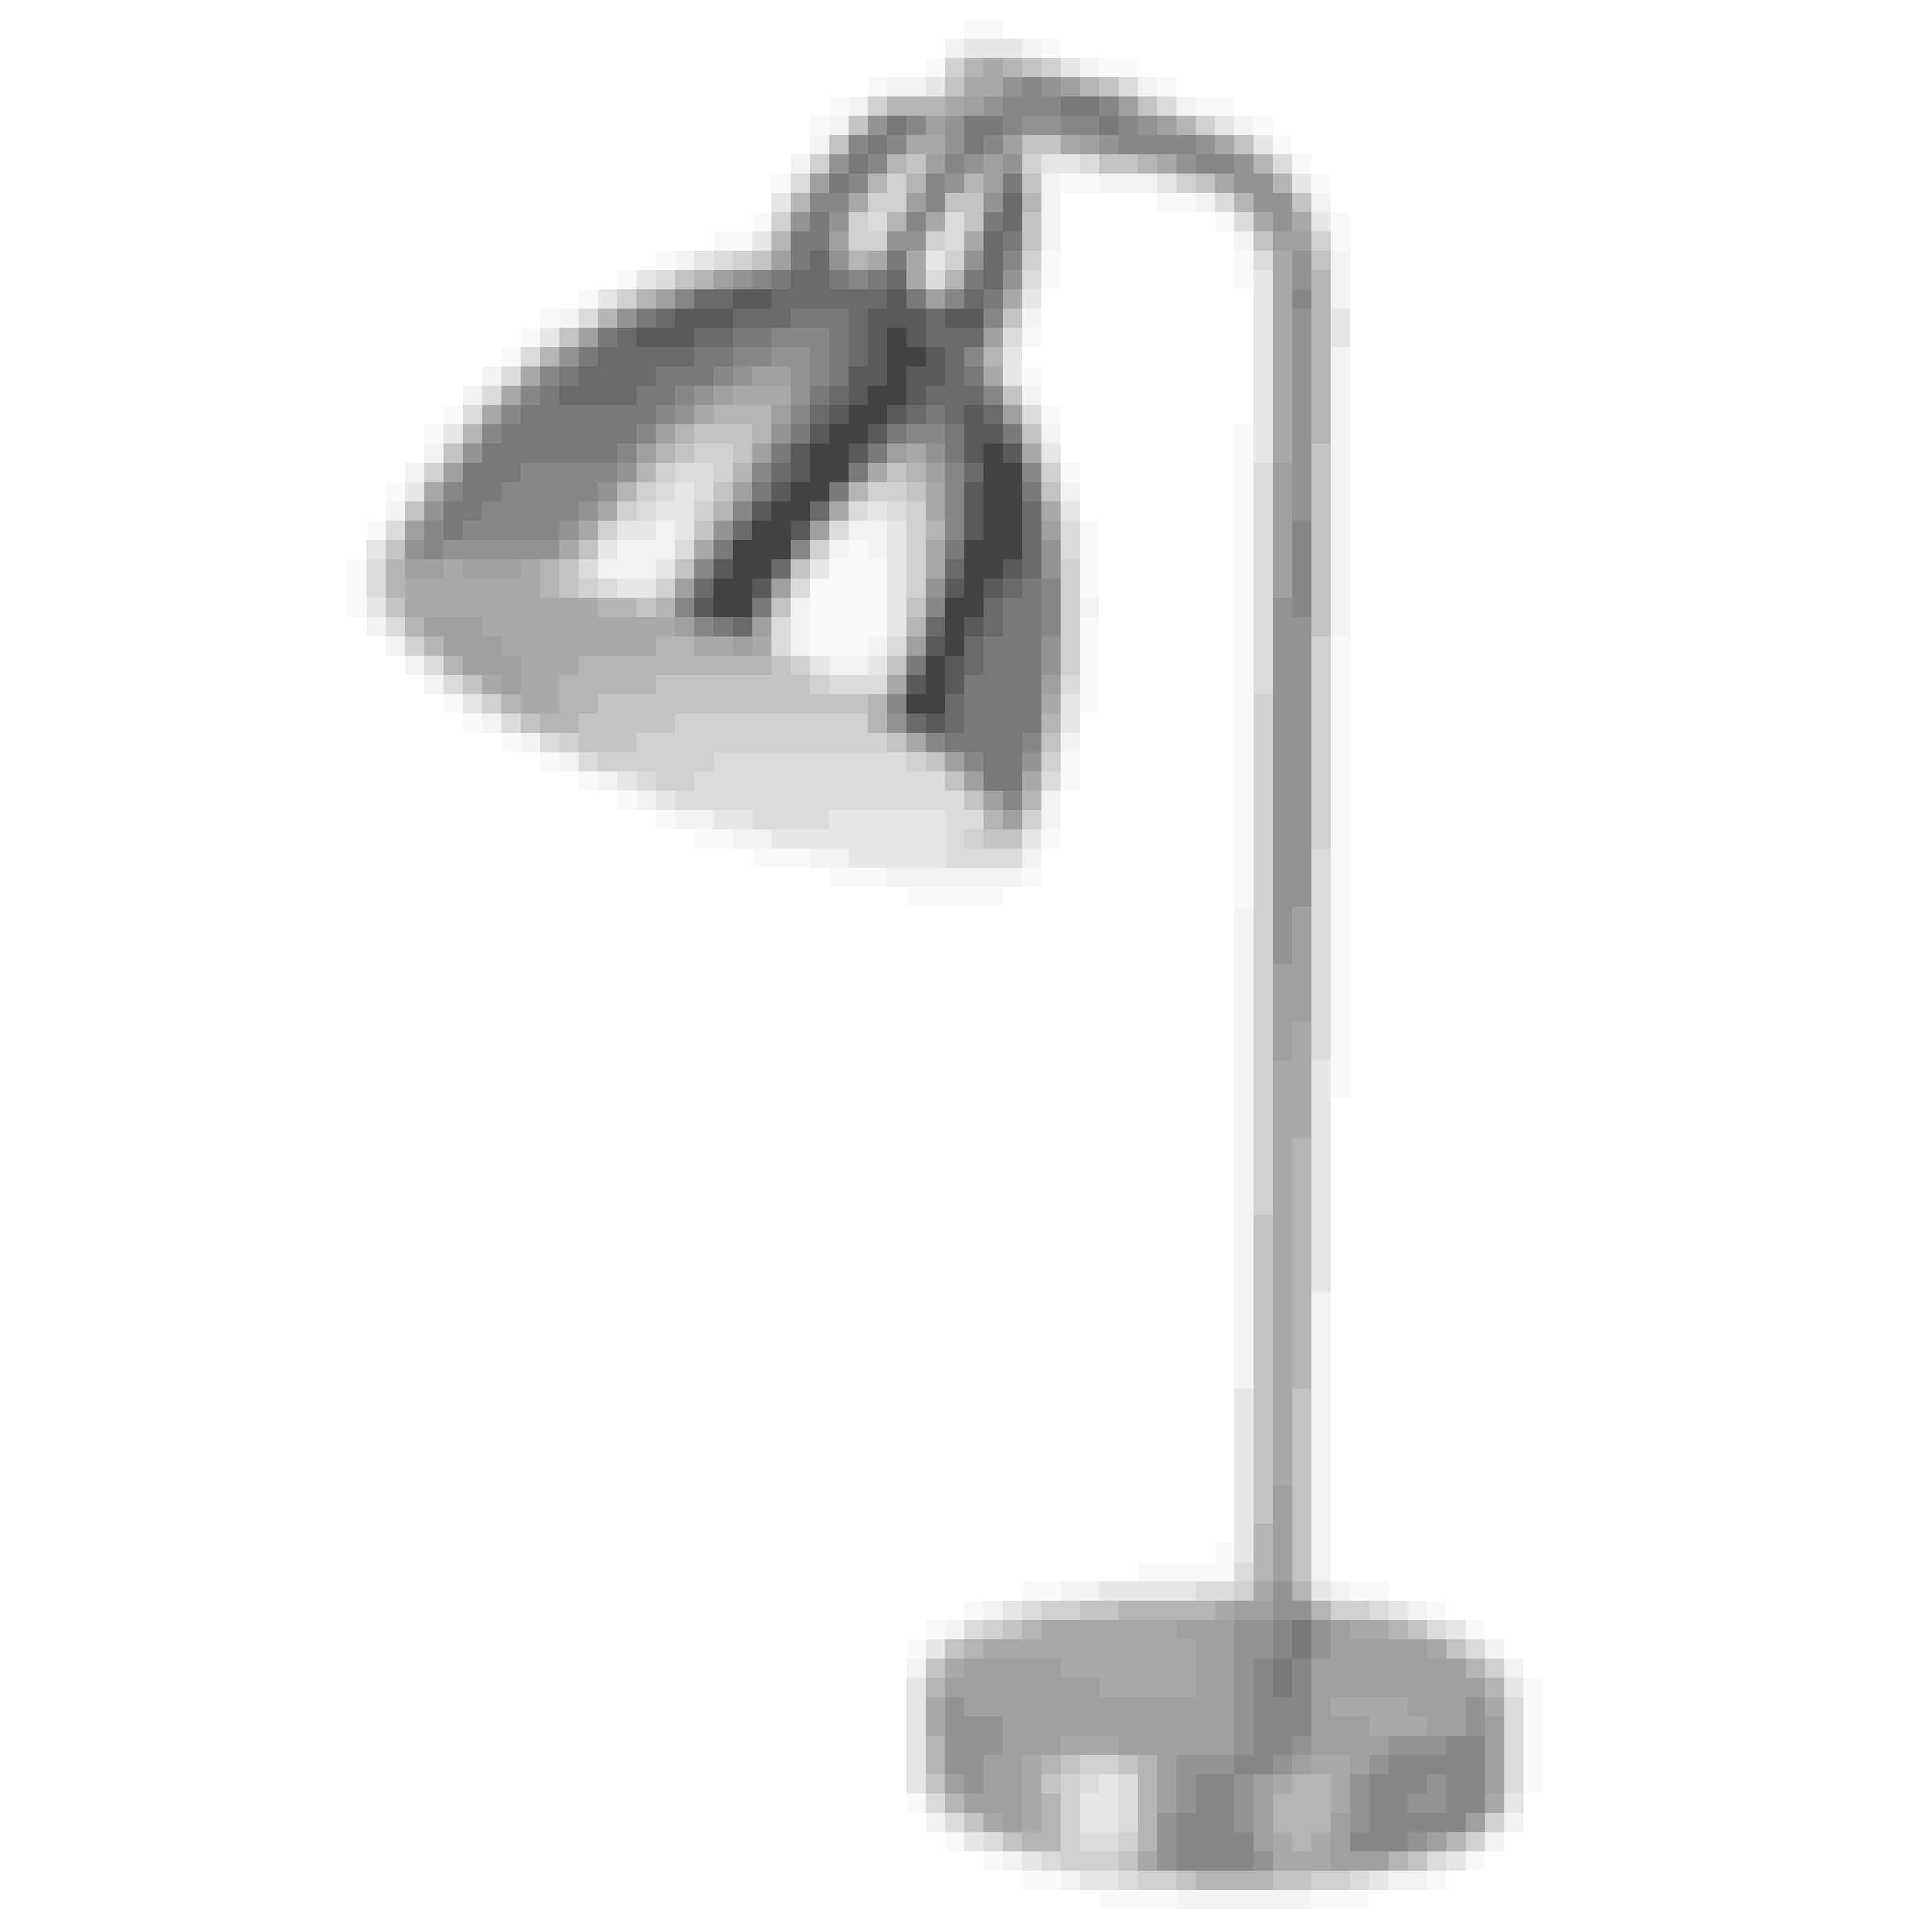 Bordlampe med sølvlook, h 38 cm, diam. 38 cm,739 kr. Broste Copenhagen.